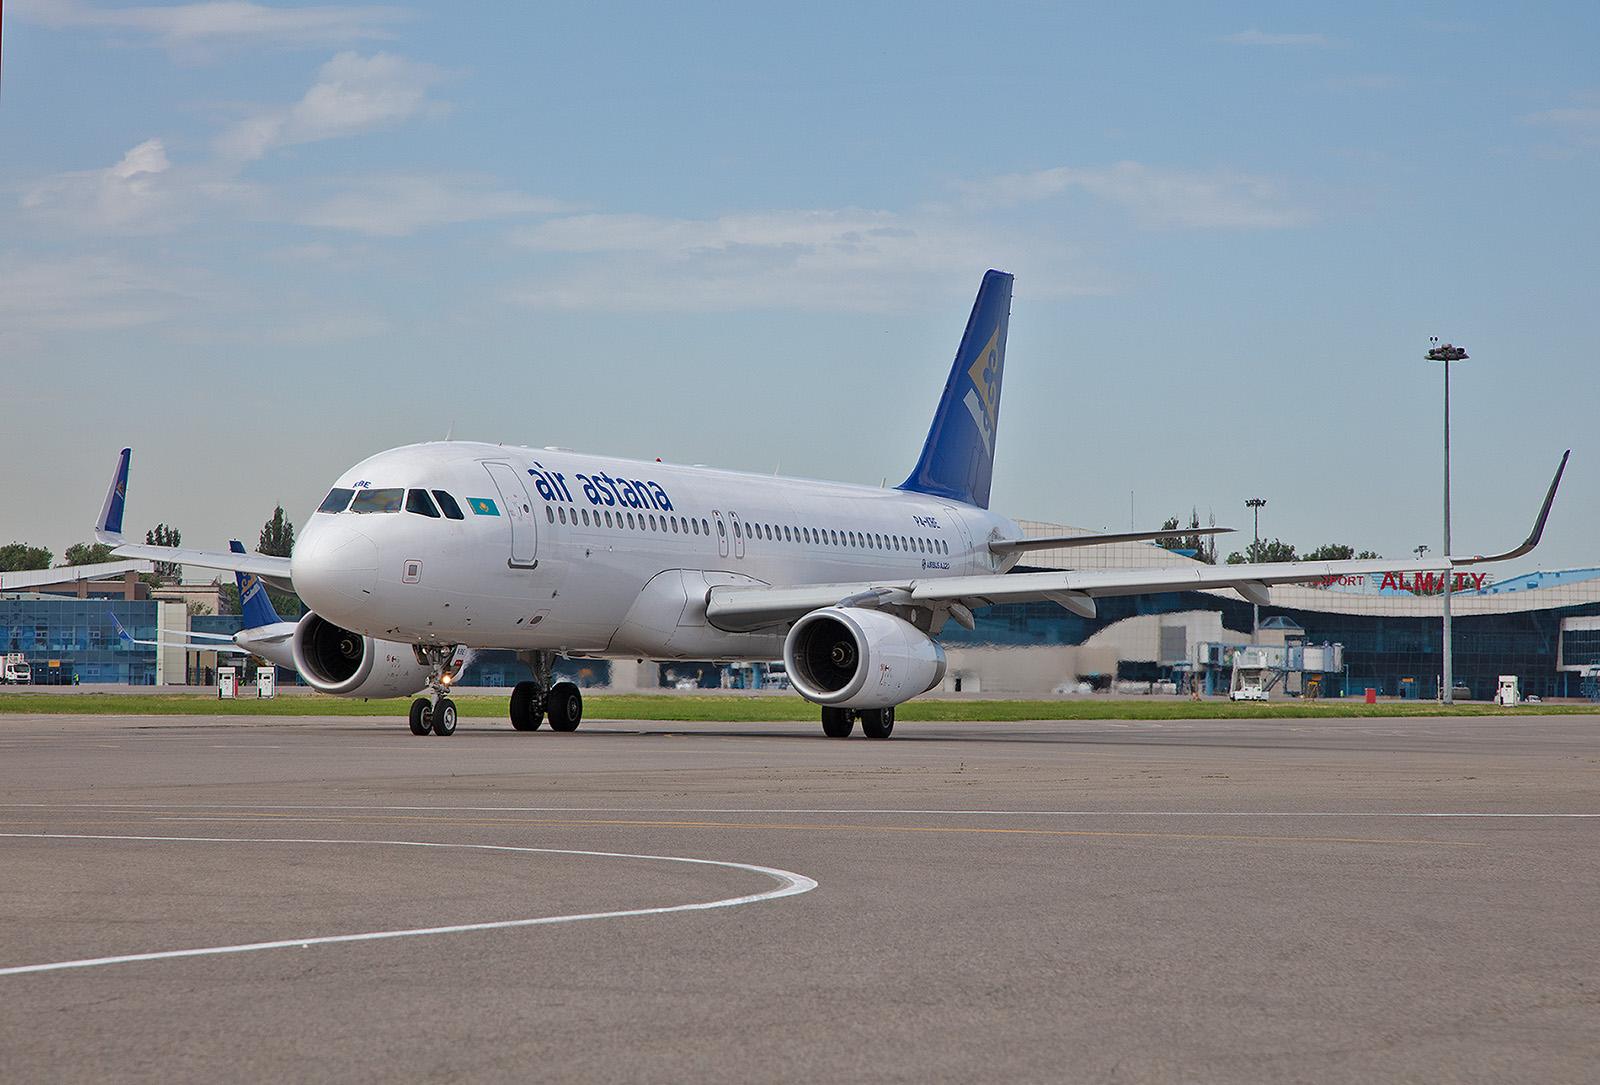 Airbus A 320 der Air Astana auf dem Weg zum Start.